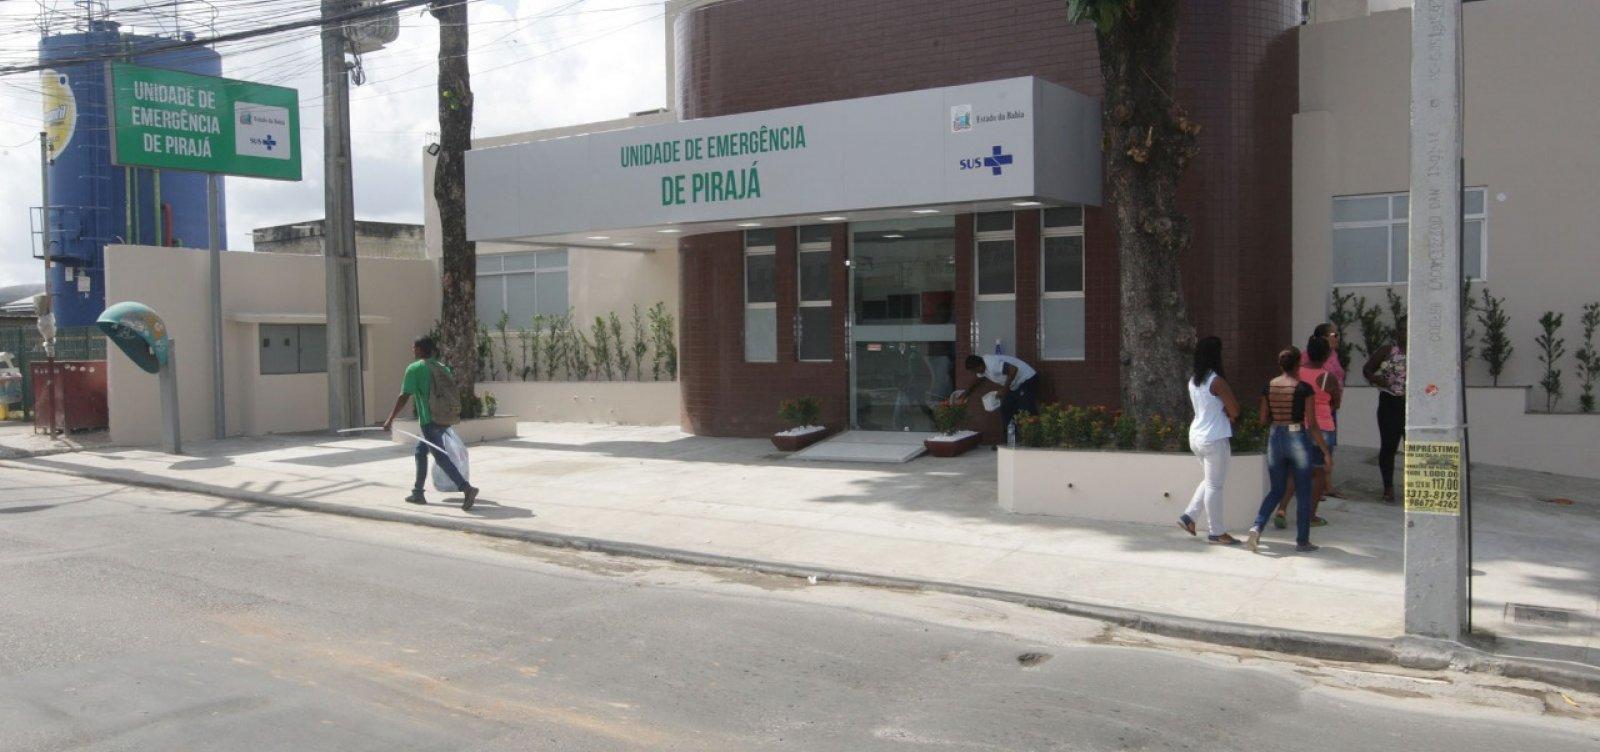 [Governo reinaugura Unidade de Emergência no bairro de Pirajá]